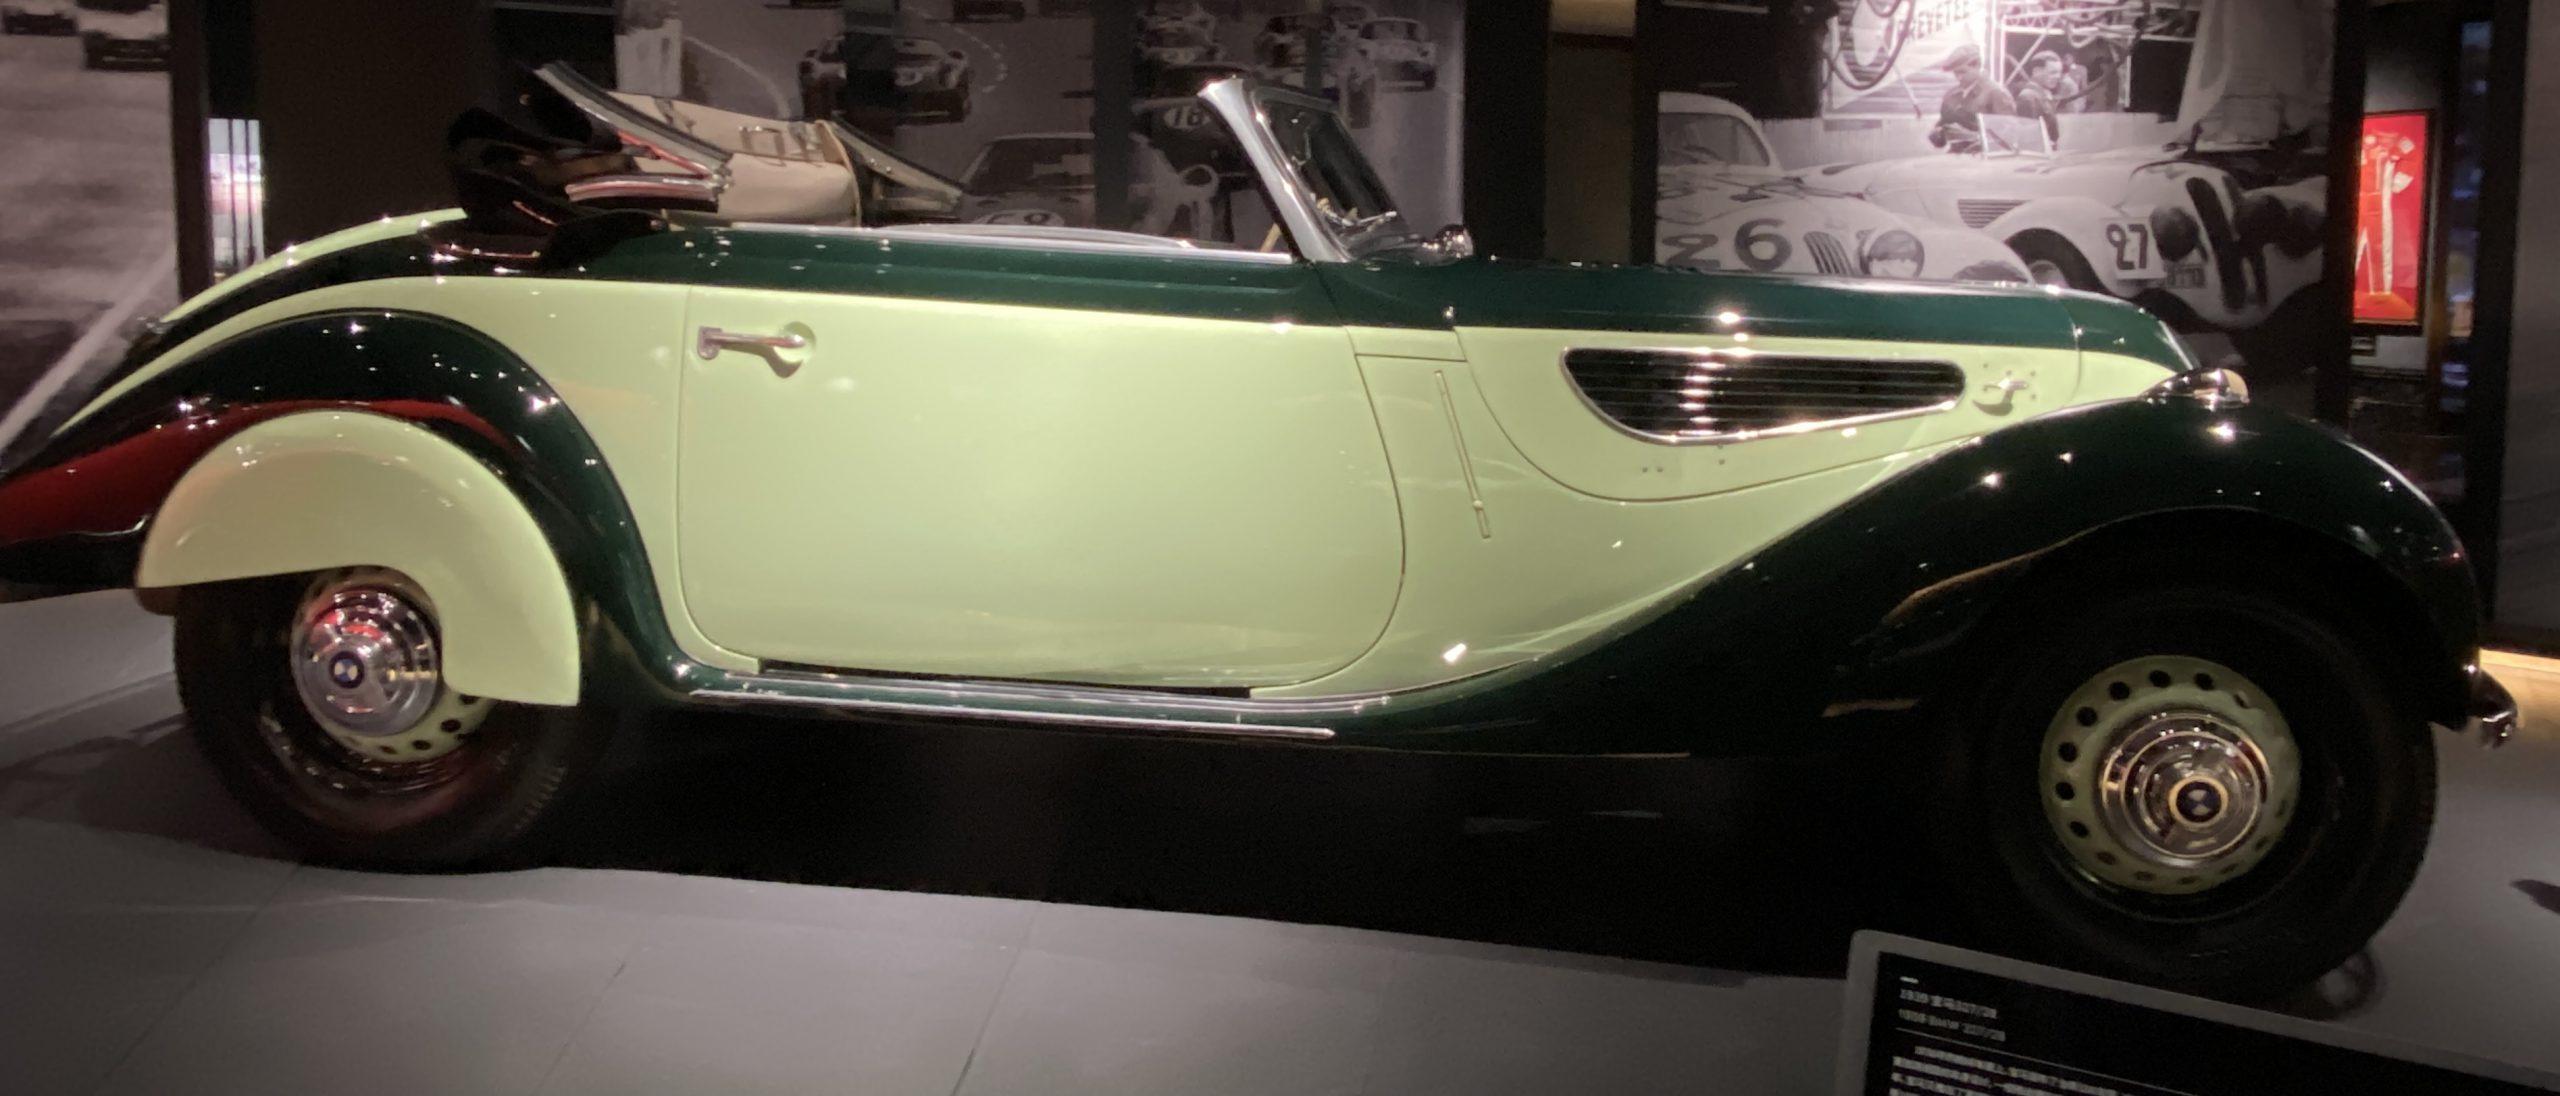 1939 BMW 327/28-常設展-三和老爺車博物館-成都市-四川省